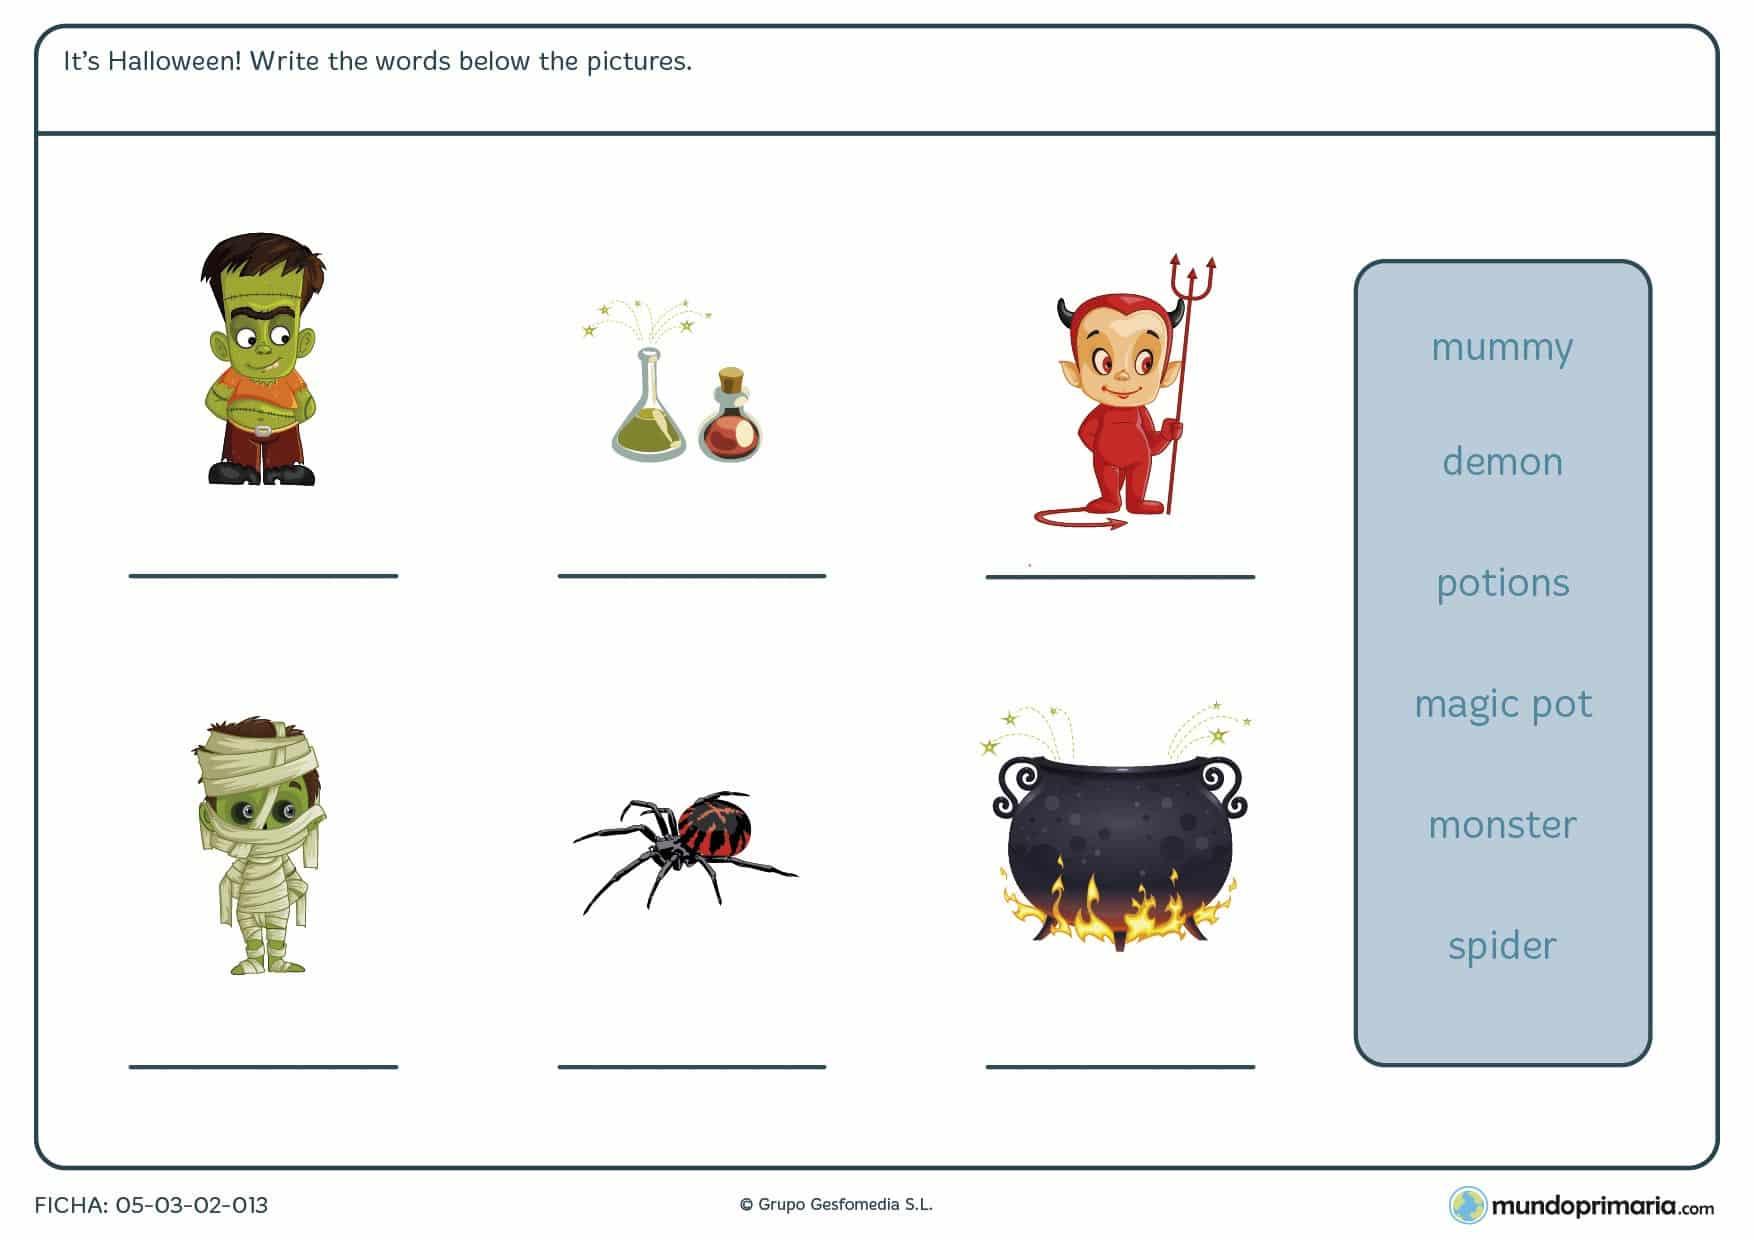 Ficha de relacionar las palabras y dibujos de Halloween en el que hay que escribir las palabras proporcionadas en los espacios con los dibujos.